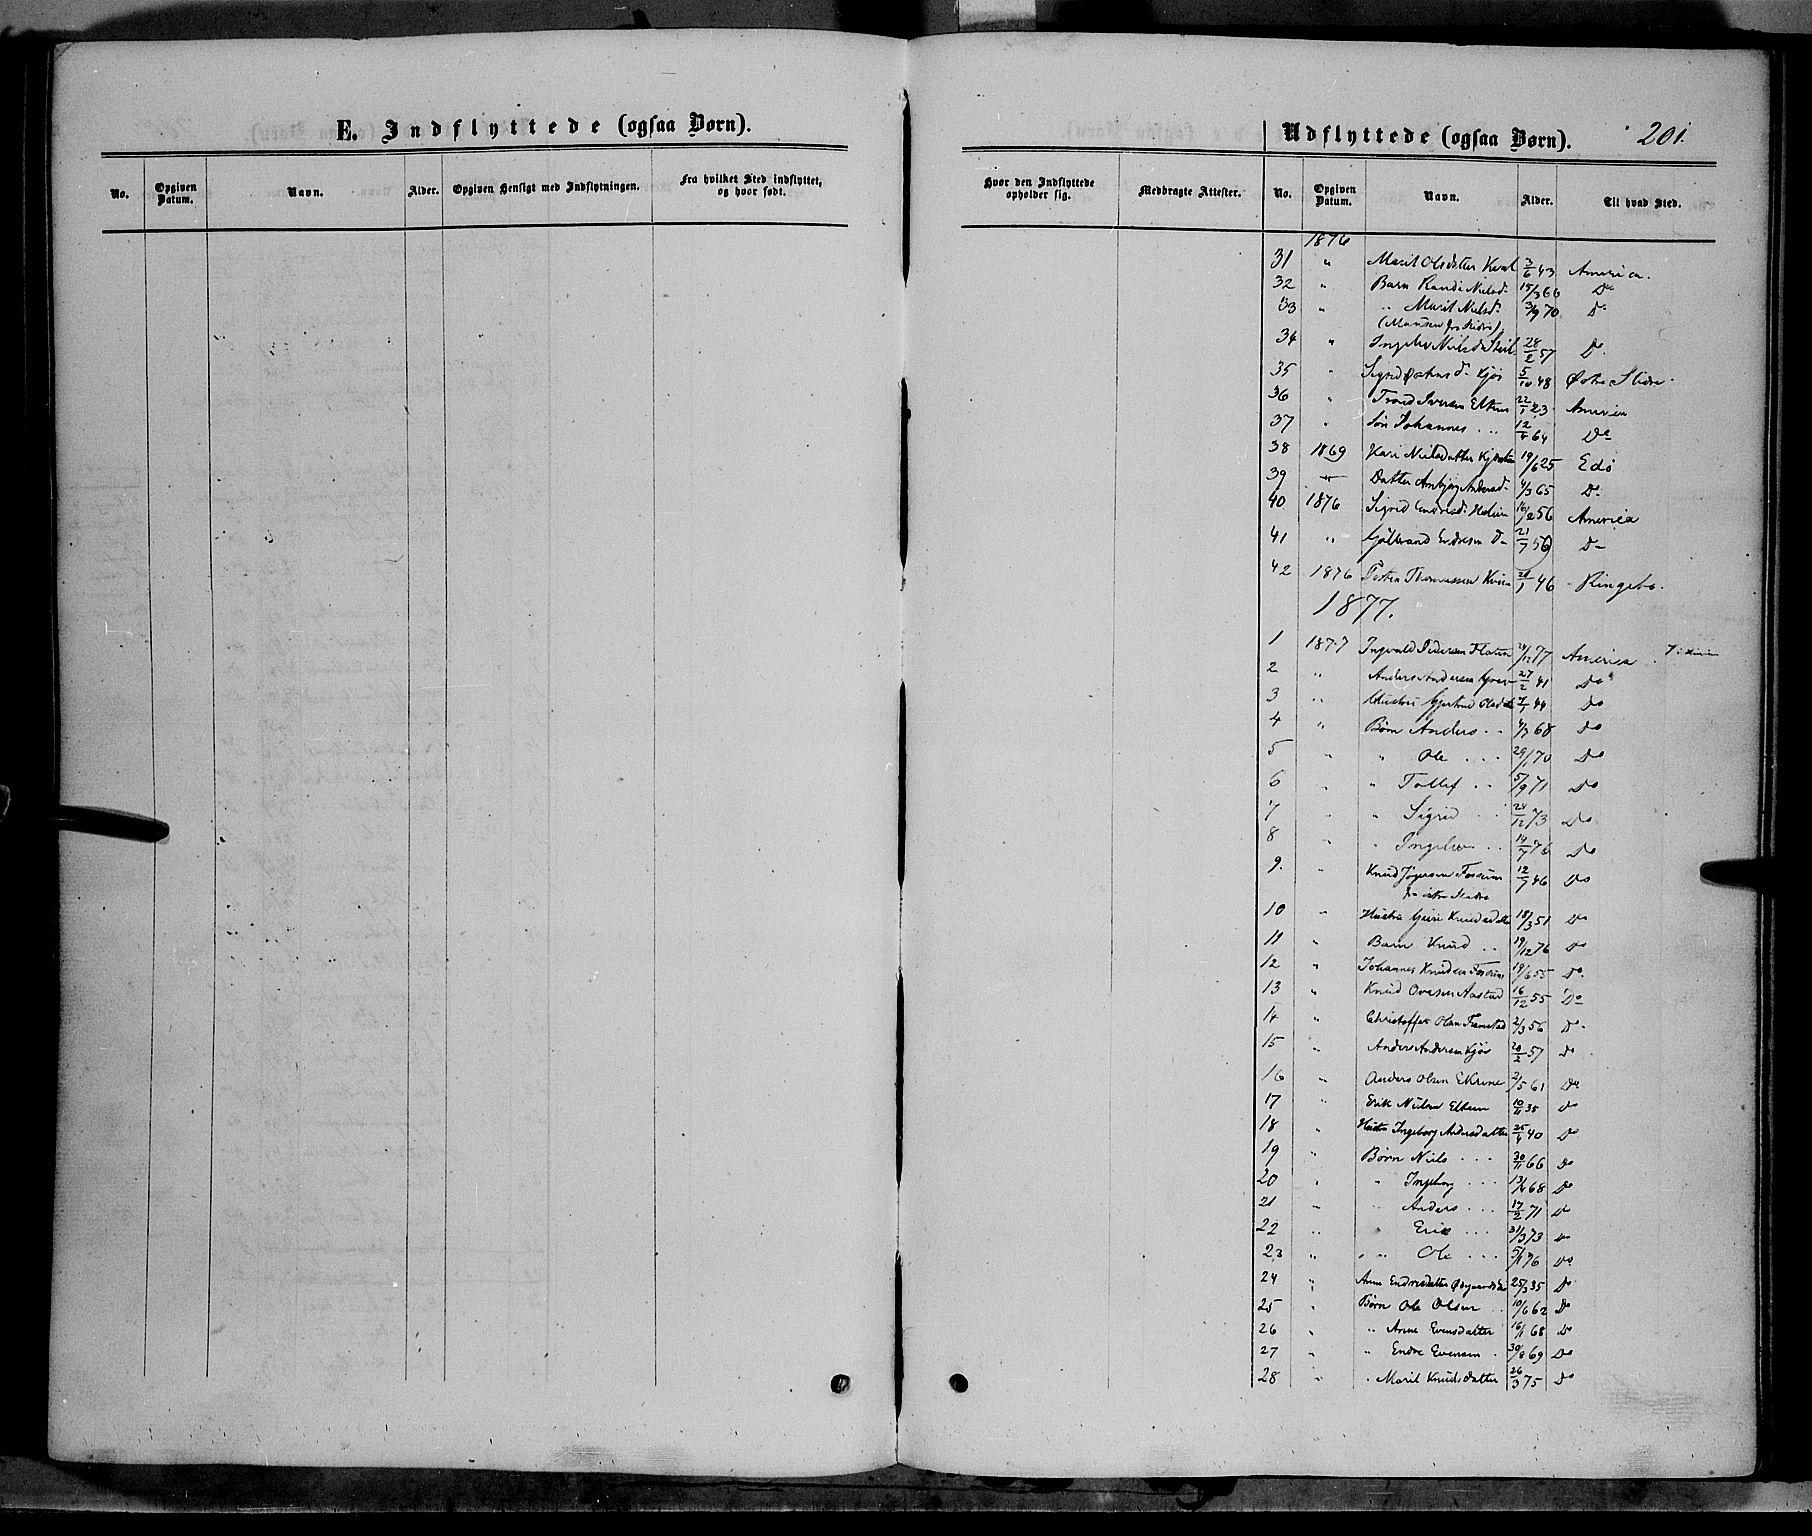 SAH, Vang prestekontor, Valdres, Ministerialbok nr. 7, 1865-1881, s. 201